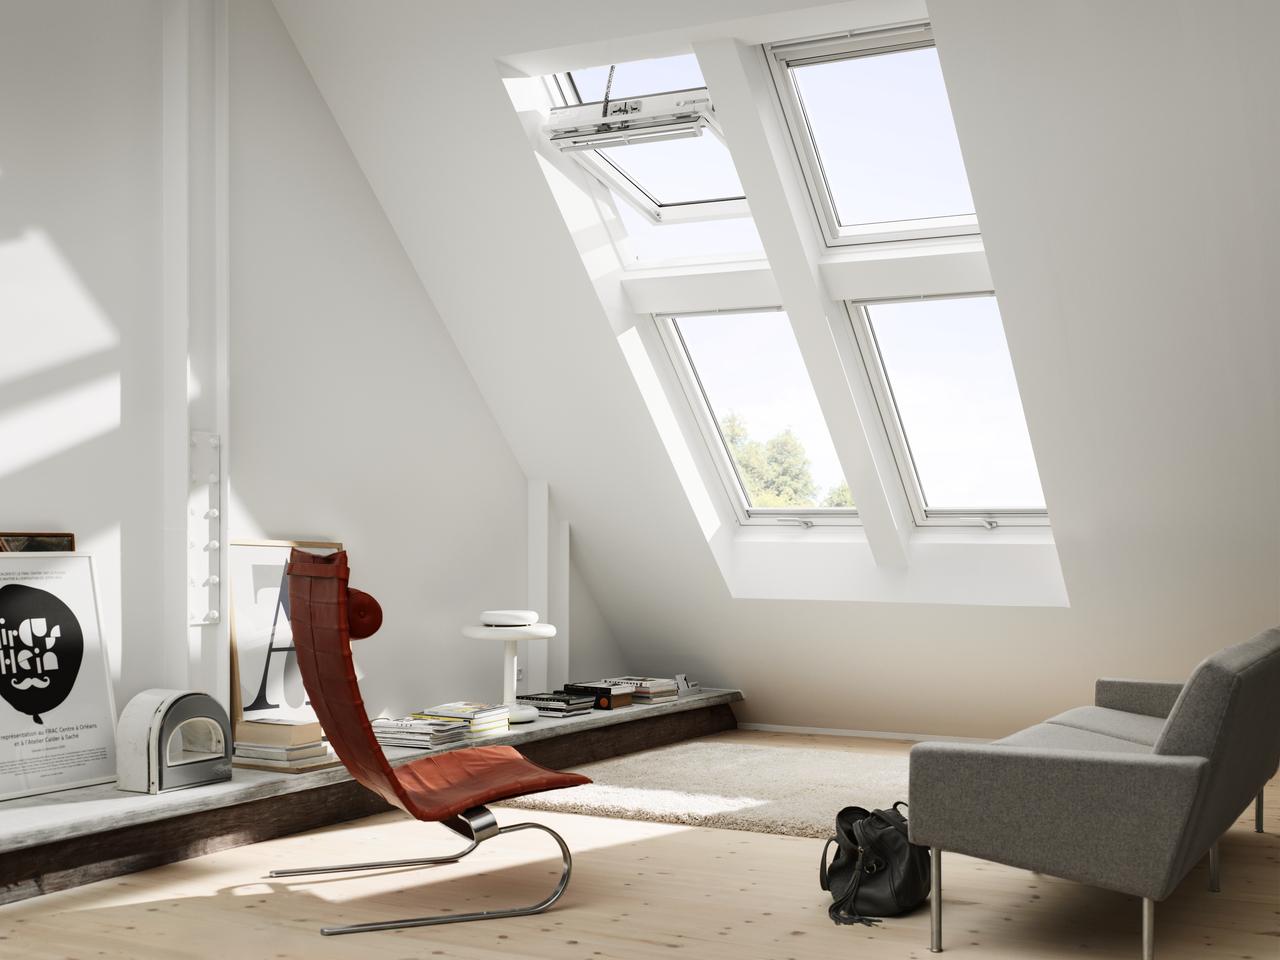 salotto quattro finestre